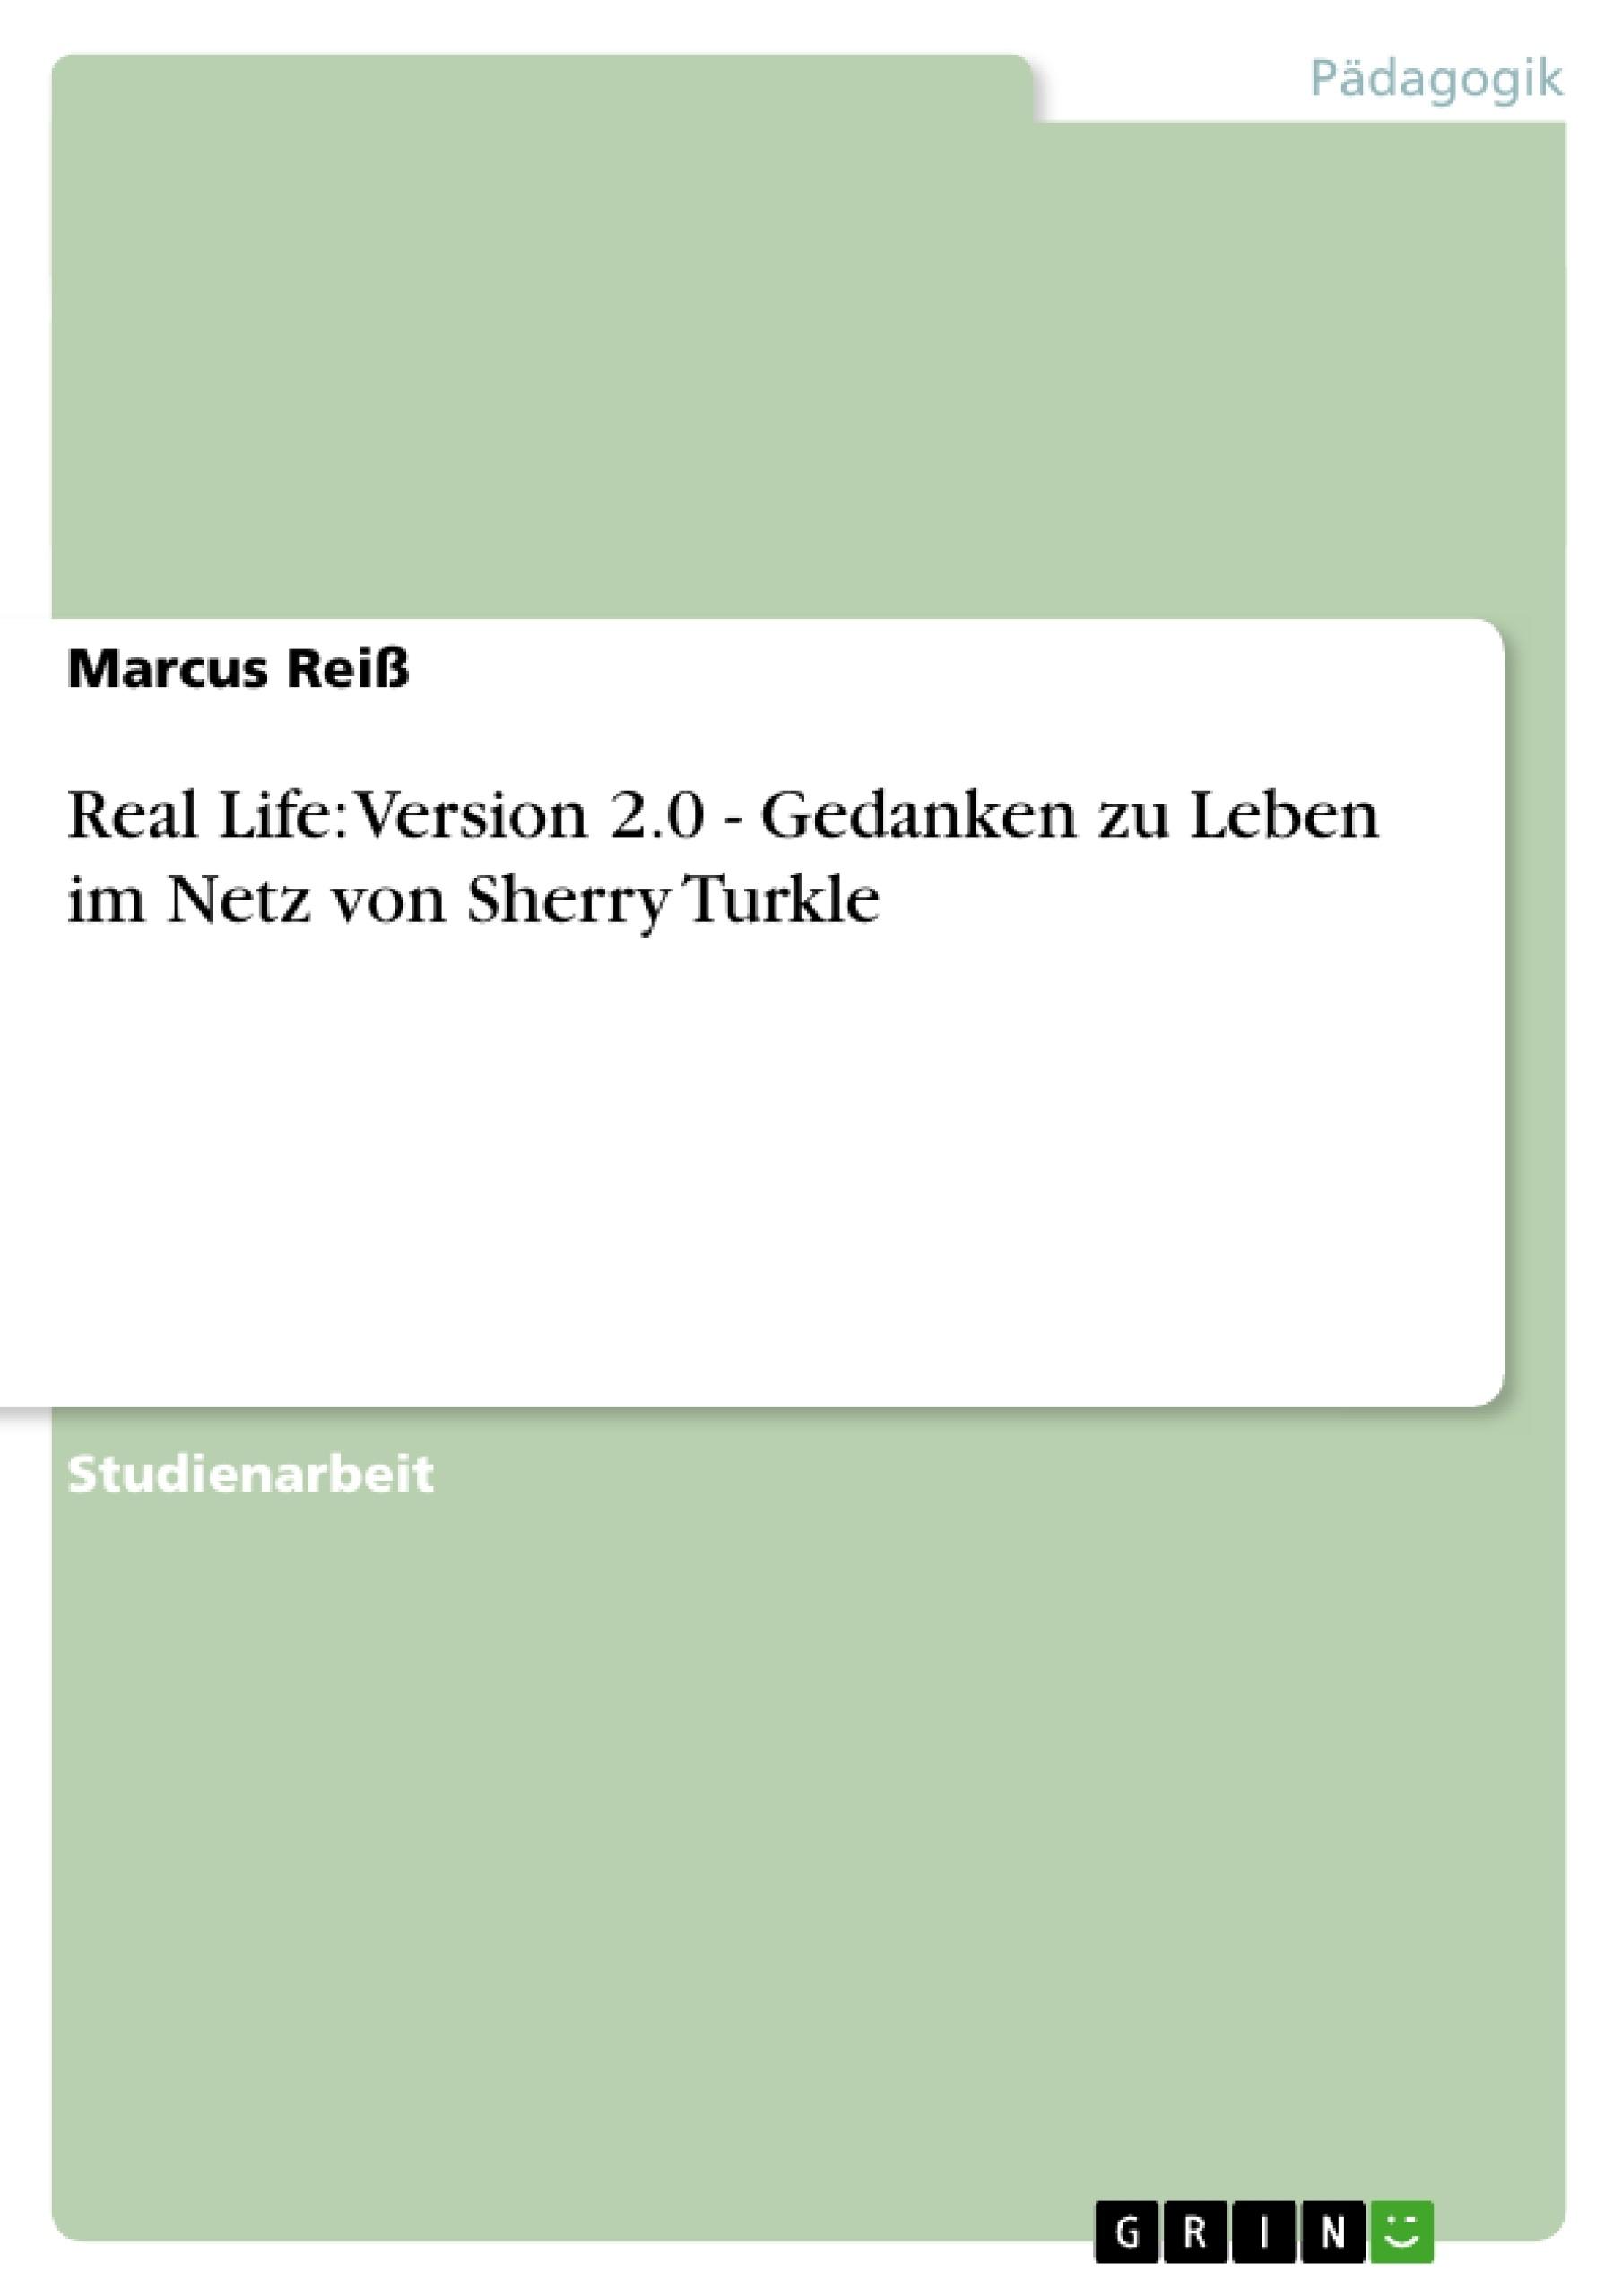 Titel: Real Life: Version 2.0 - Gedanken zu Leben im Netz von Sherry Turkle